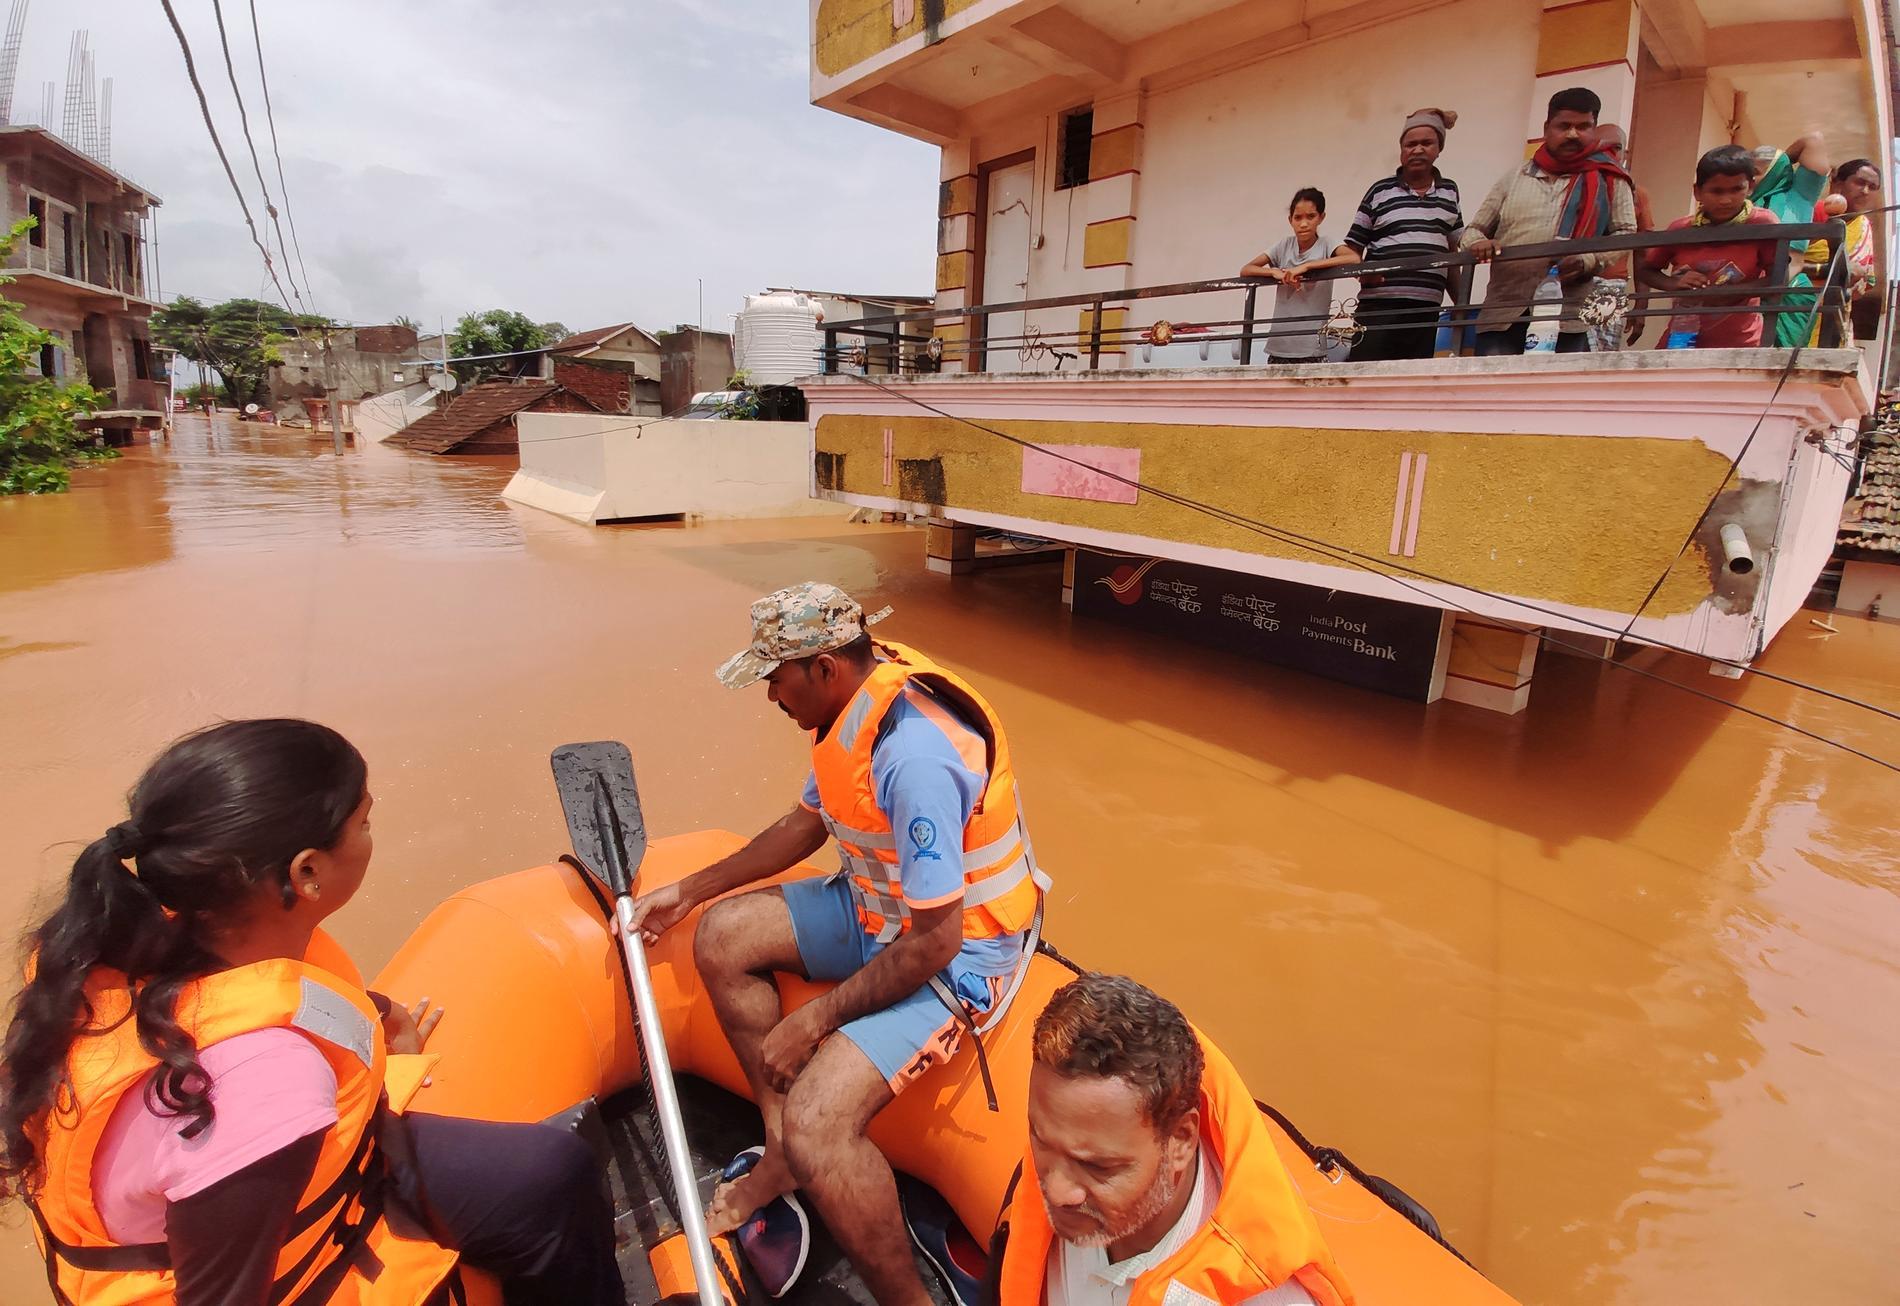 Strandsatta indier i delstaten Maharashtra undsätts med hjälp av gummiflottar i slutet av juli.